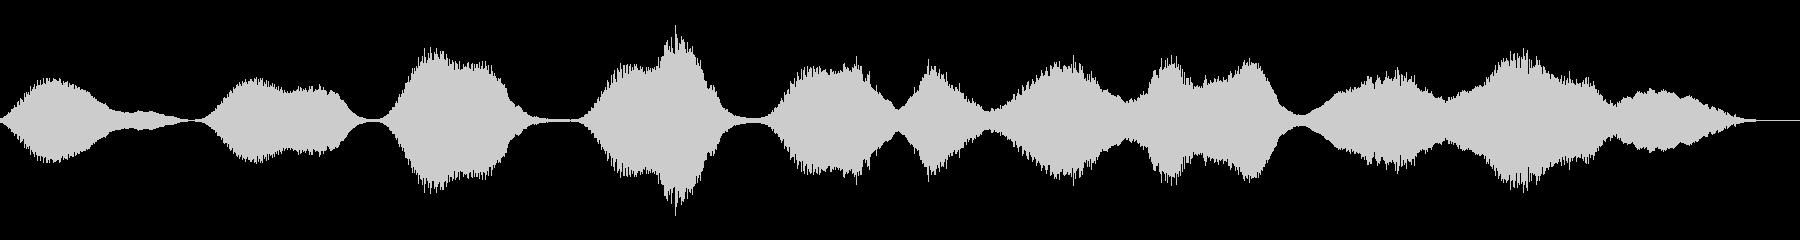 しのびよる恐怖の音の未再生の波形